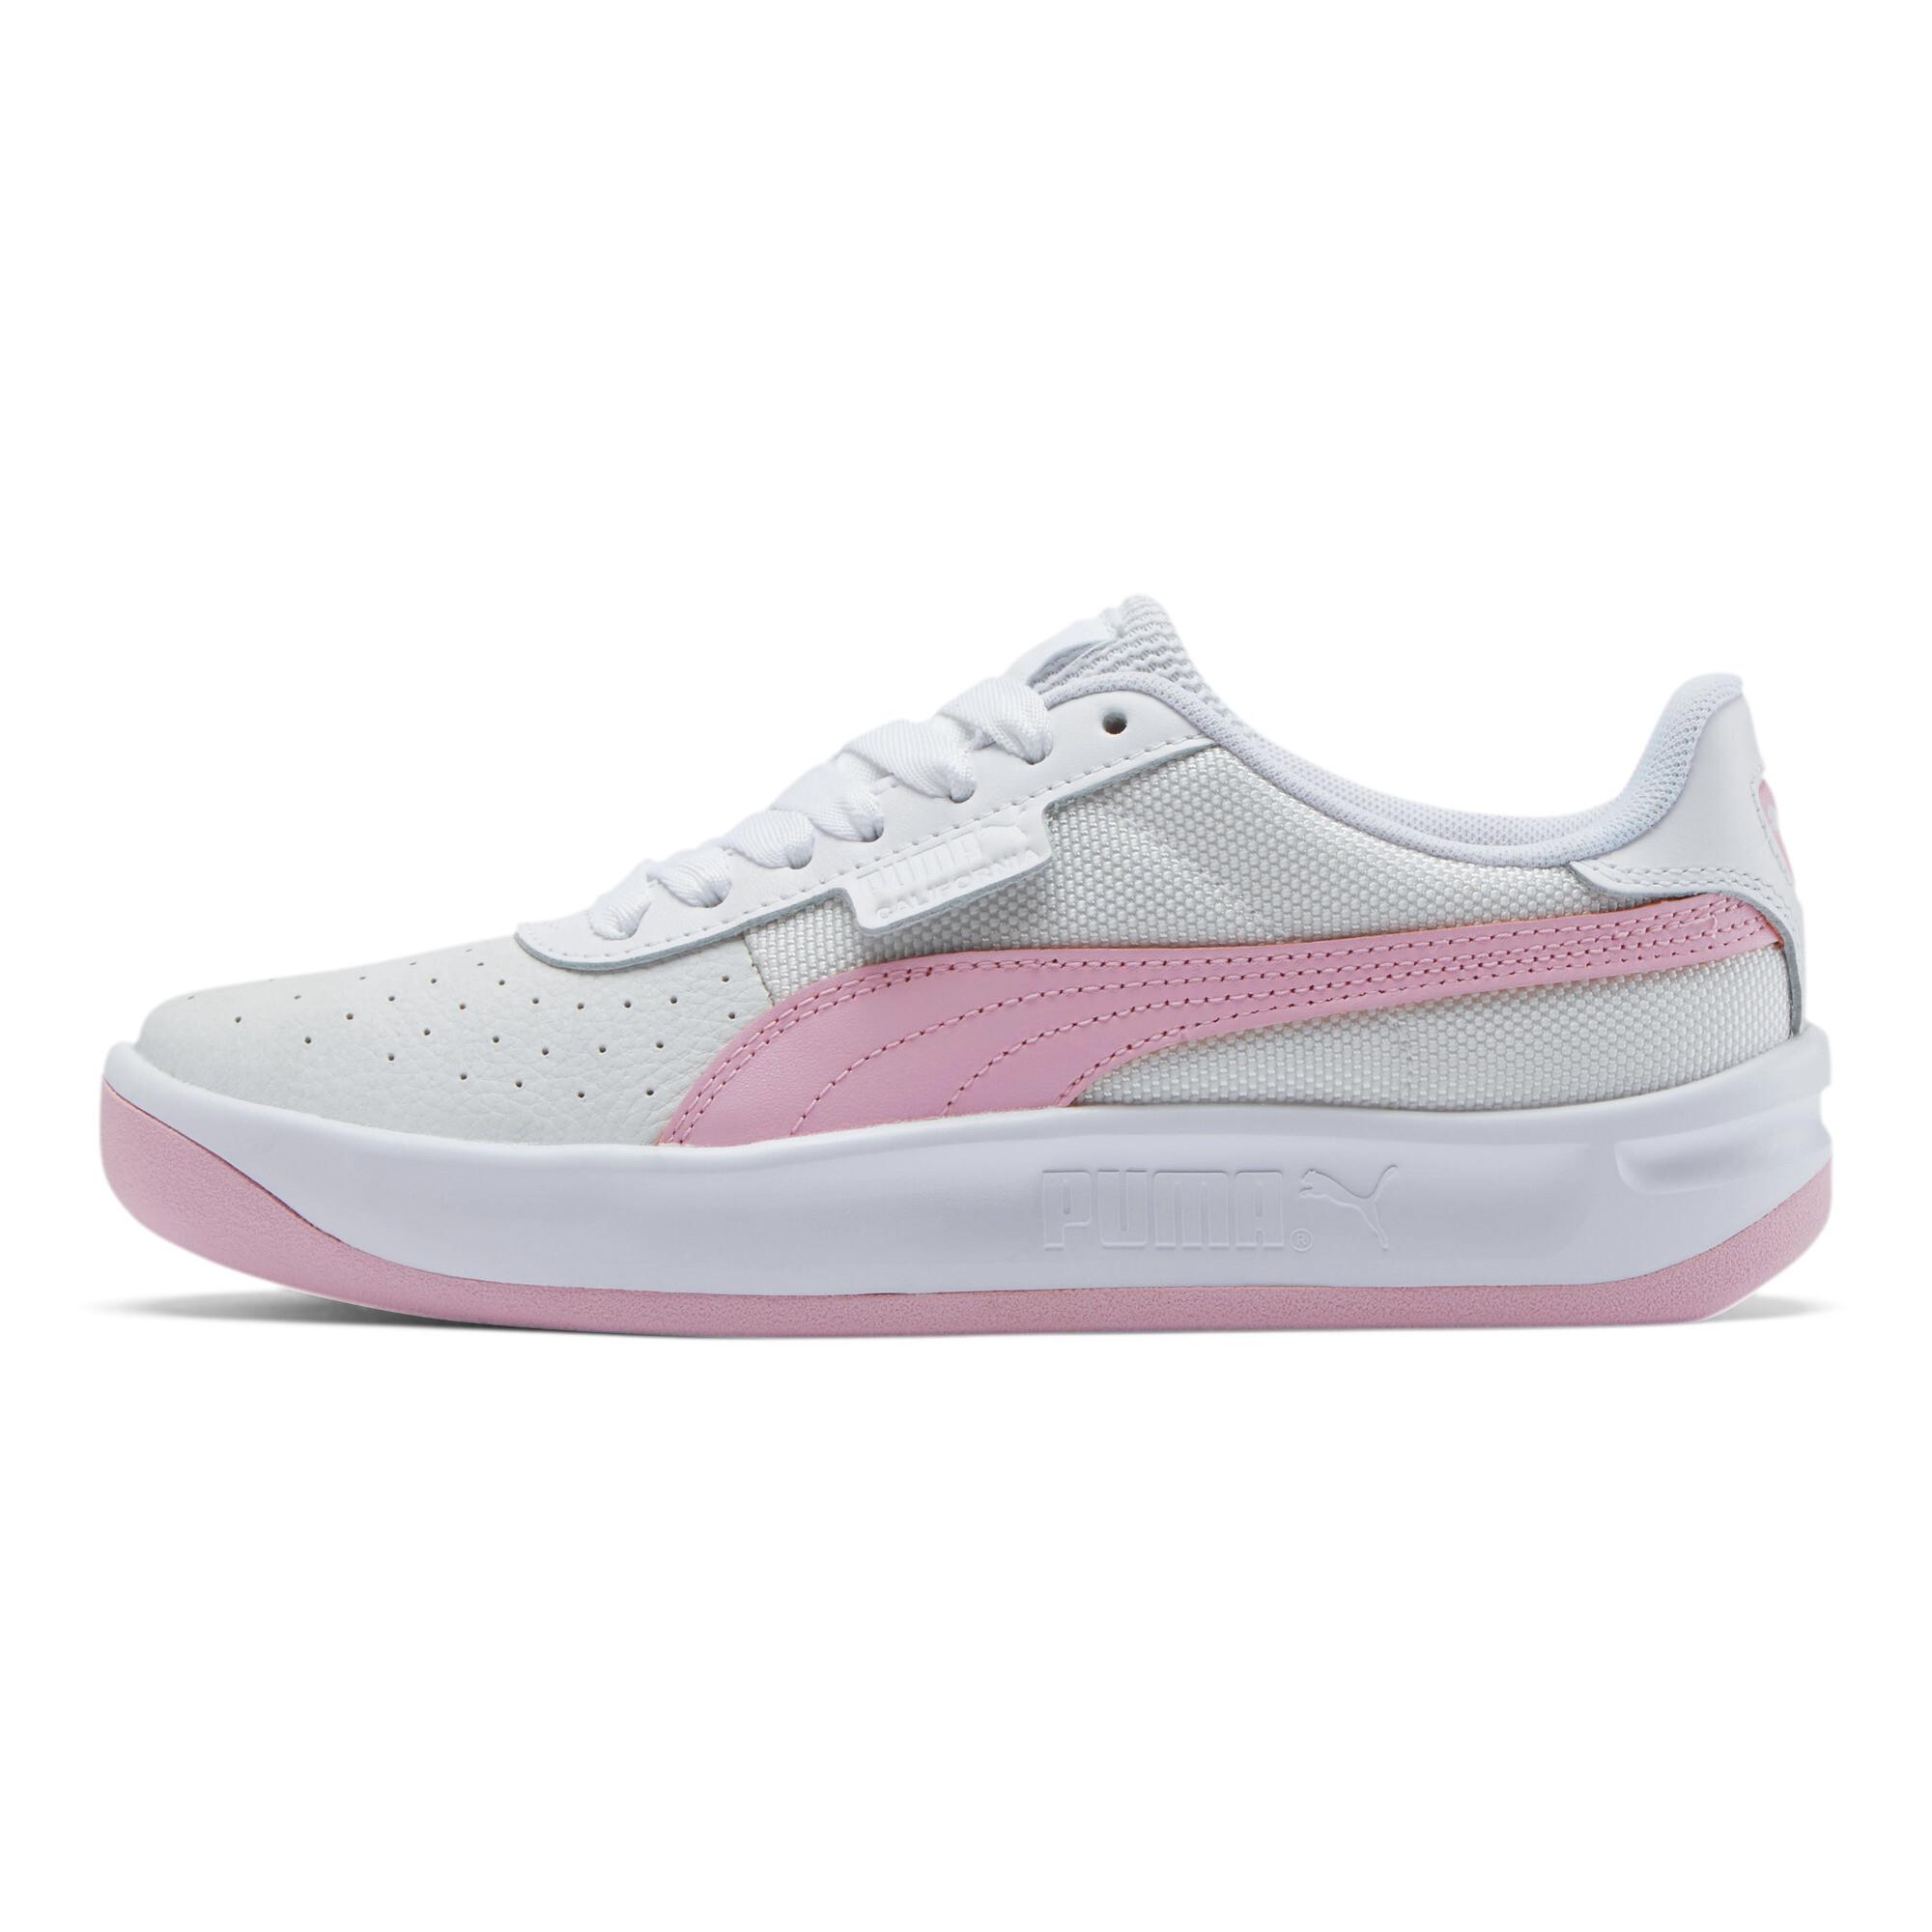 PUMA-California-Women-039-s-Sneakers-Women-Shoe-Sport-Classics thumbnail 4